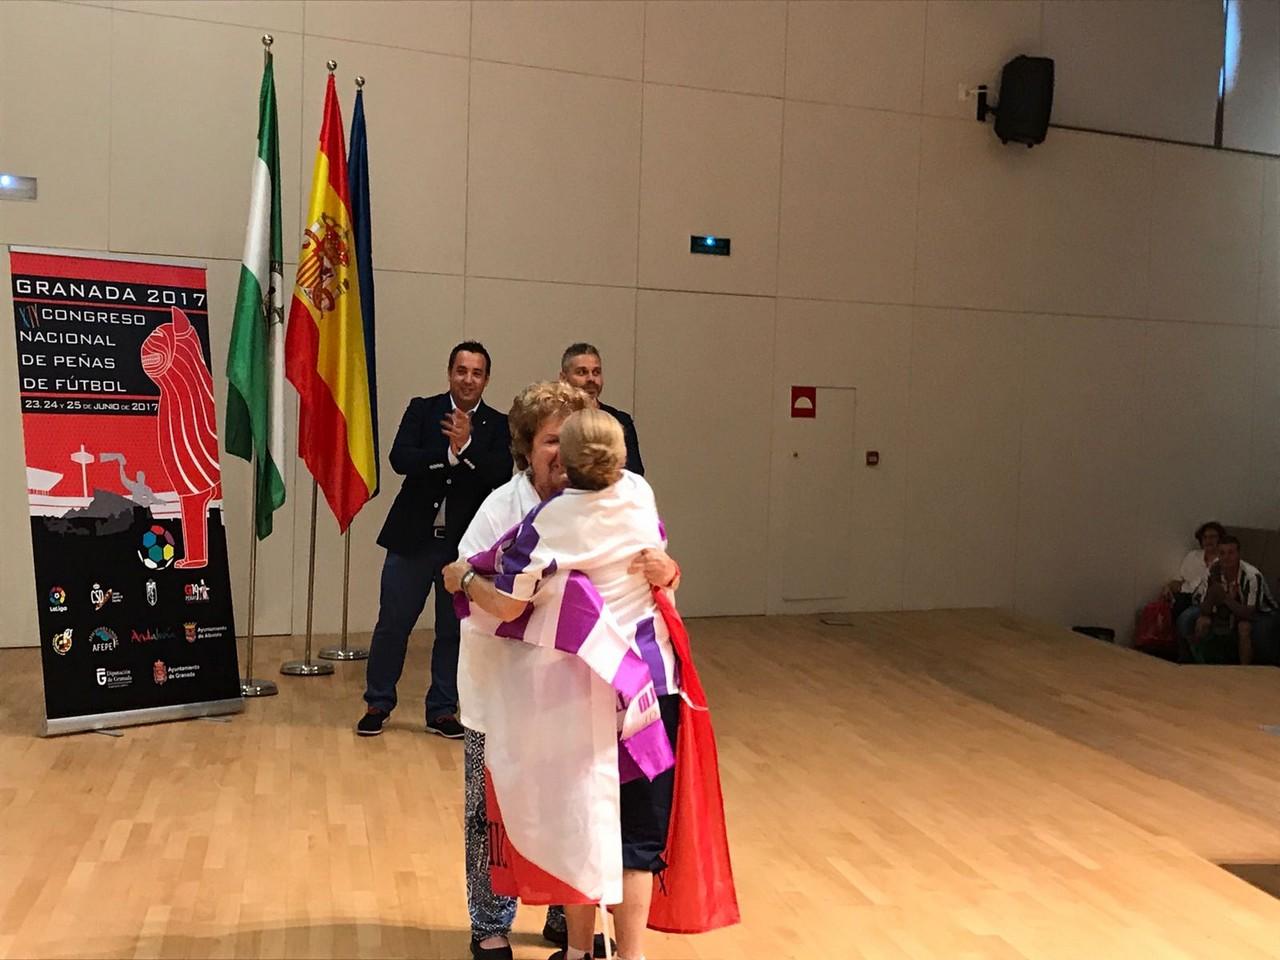 Congreso-Granada-2017 (20)